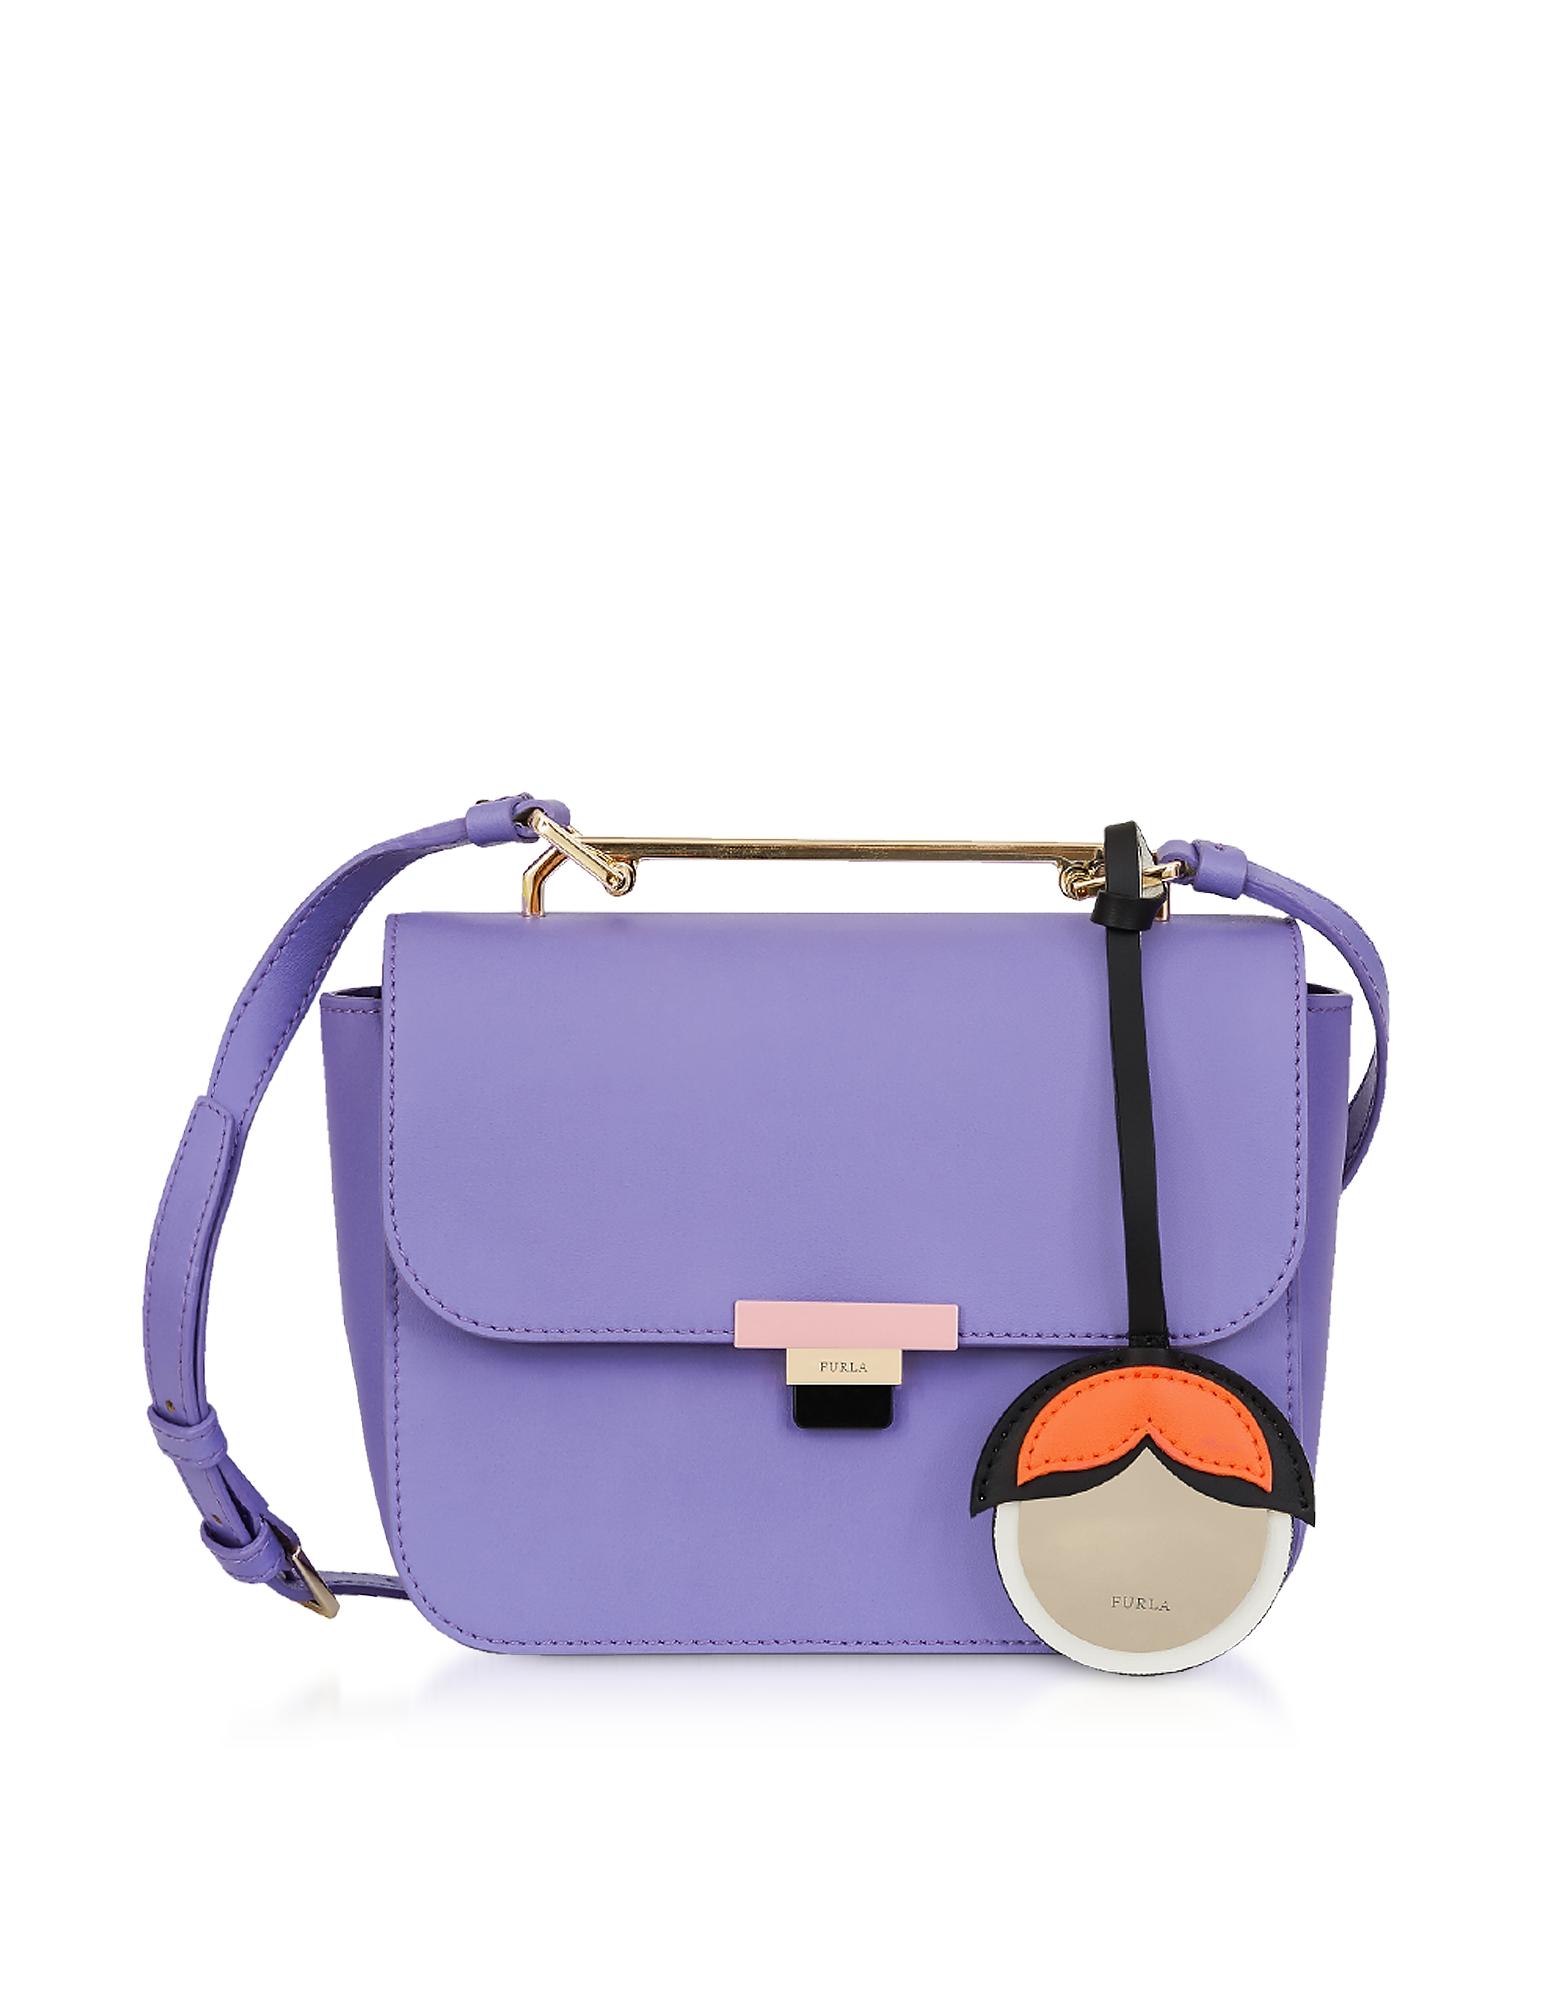 Furla Handbags, Giglio Leather Elisir Mini Crossbody Bag